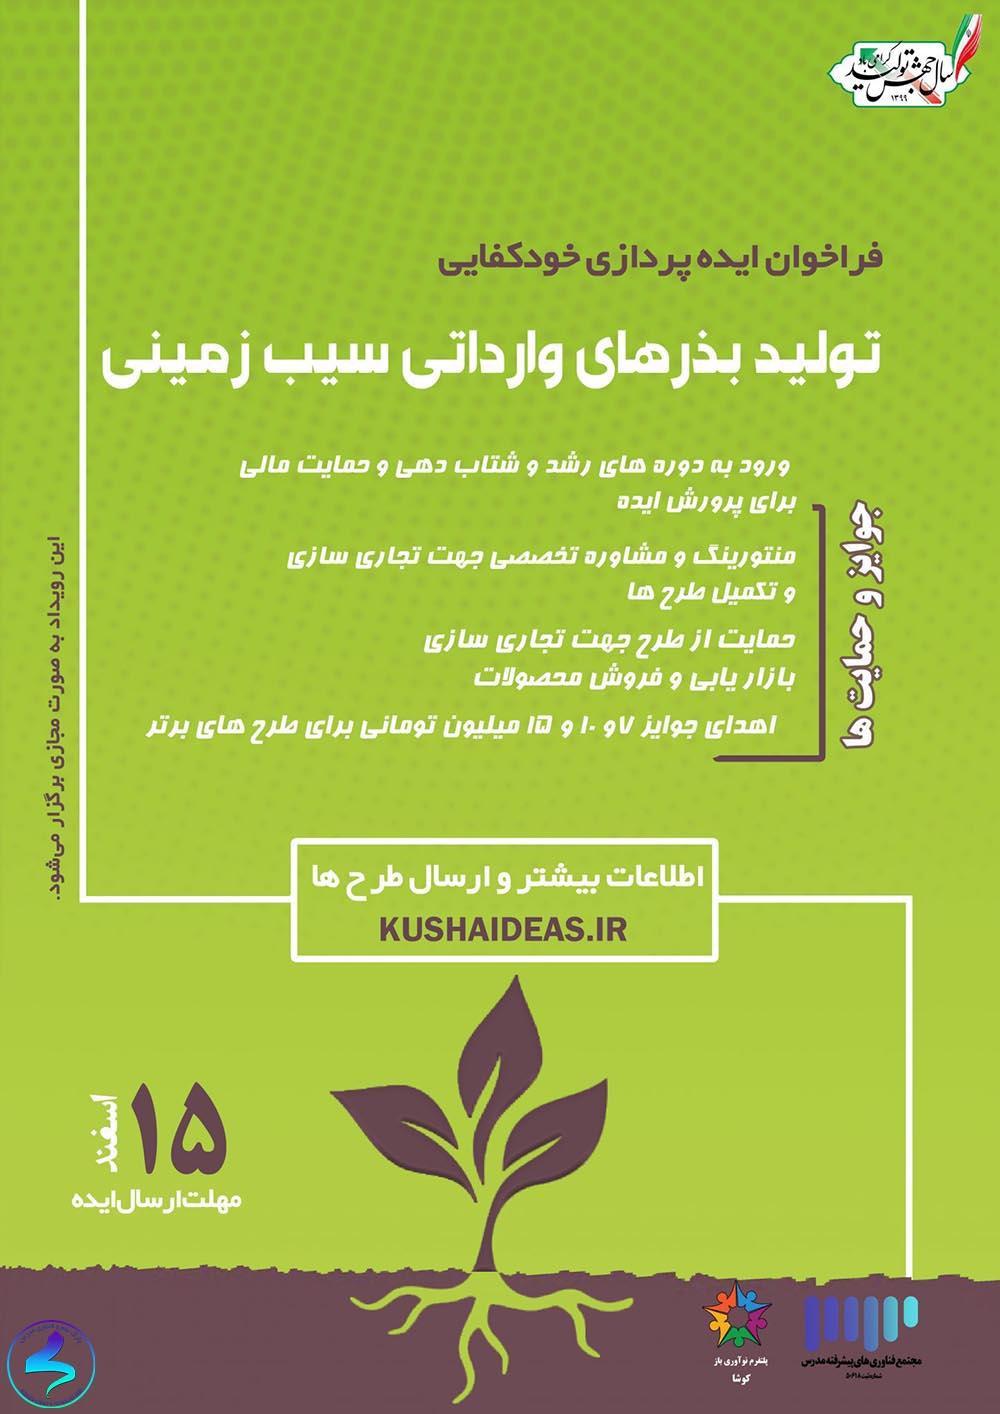 فراخوان ایدهپردازی خودکفایی تولید بذرهای وارداتی سیبزمینی